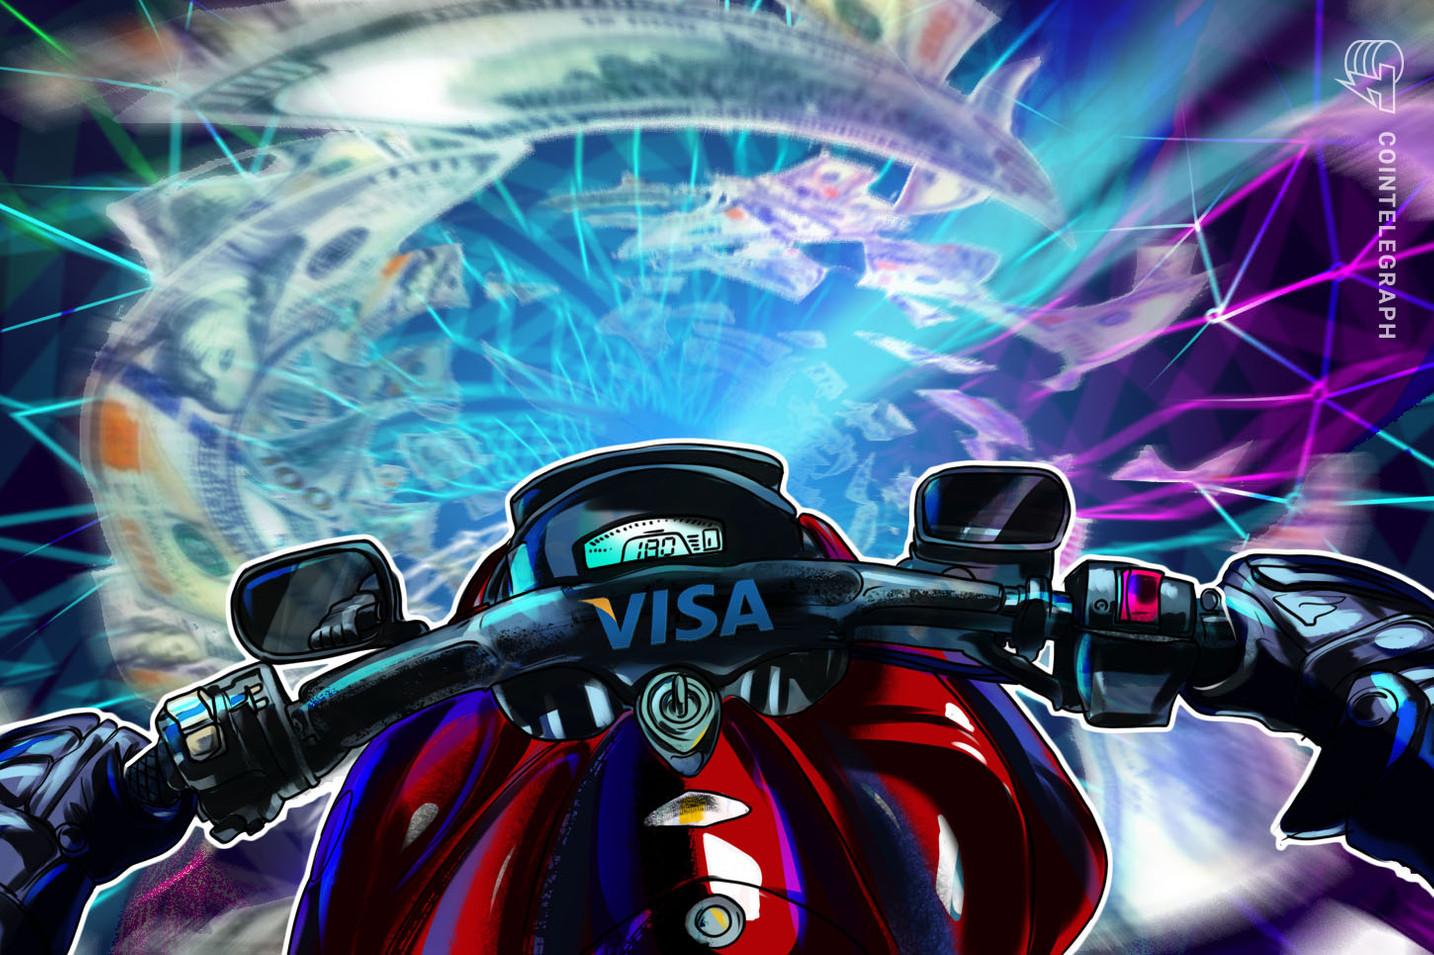 Visa presenta solicitud de patente para una moneda digital